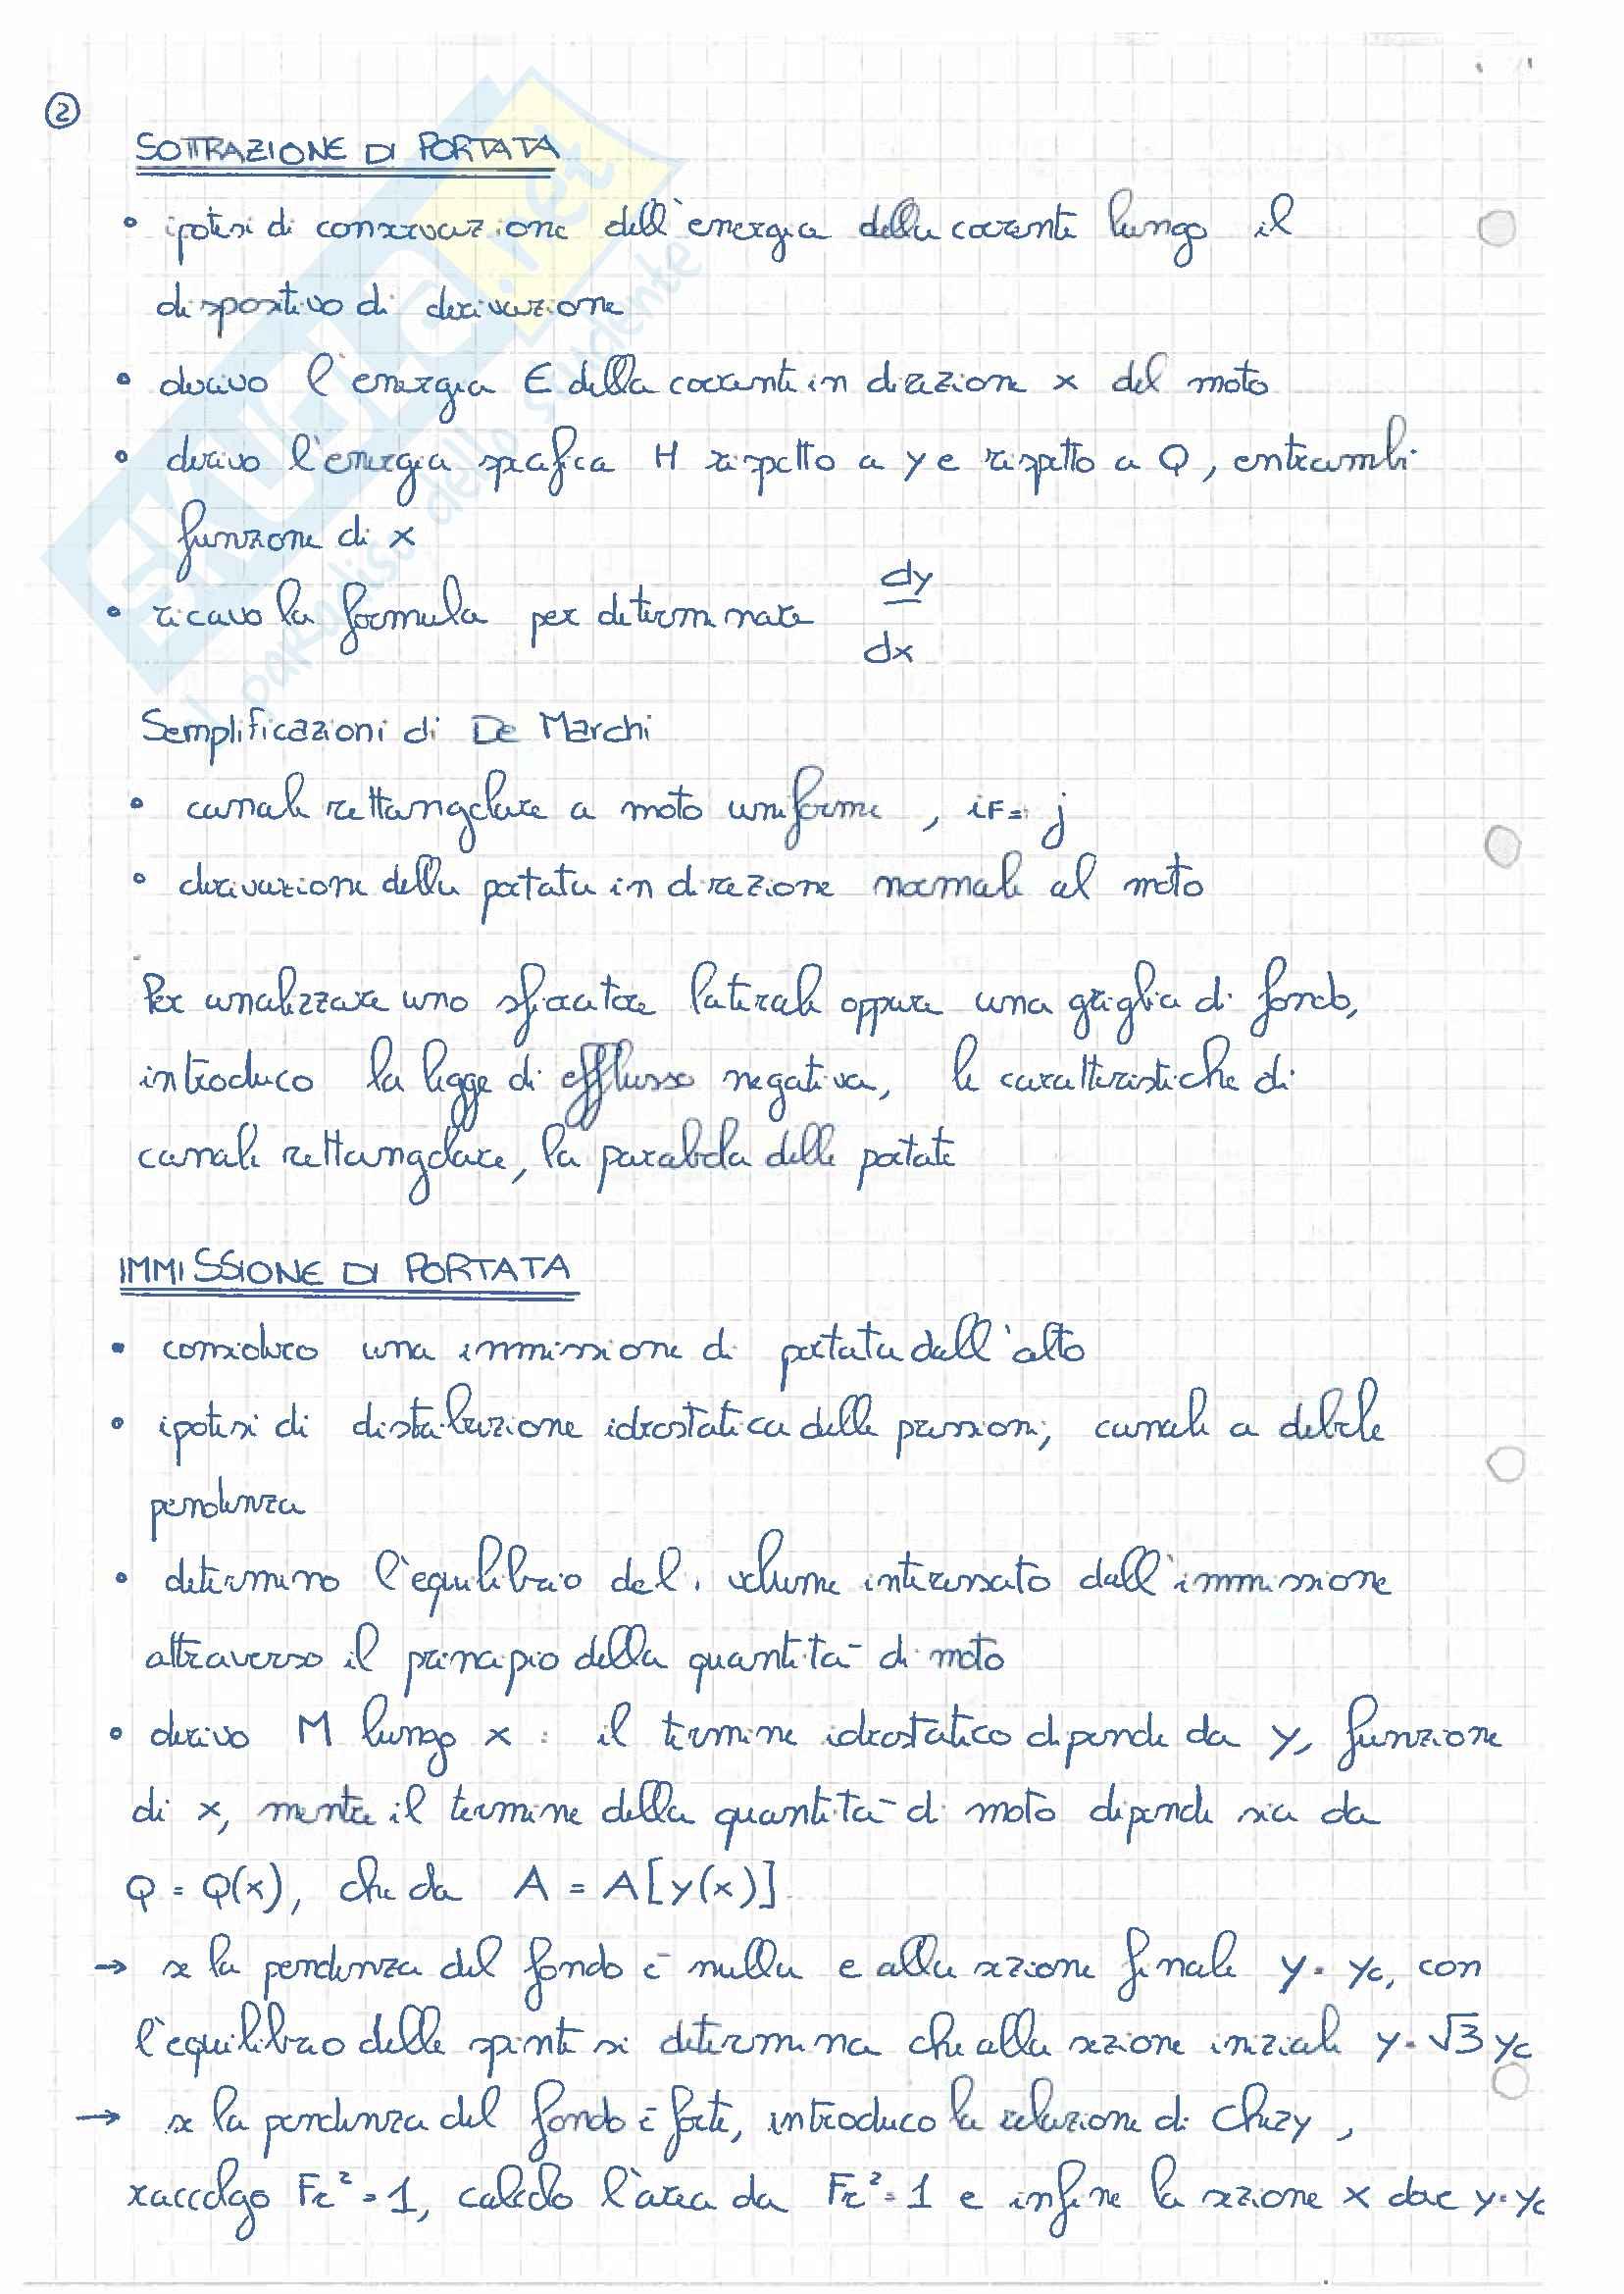 Appunti idrodinamica - elenco degli argomenti Pag. 2